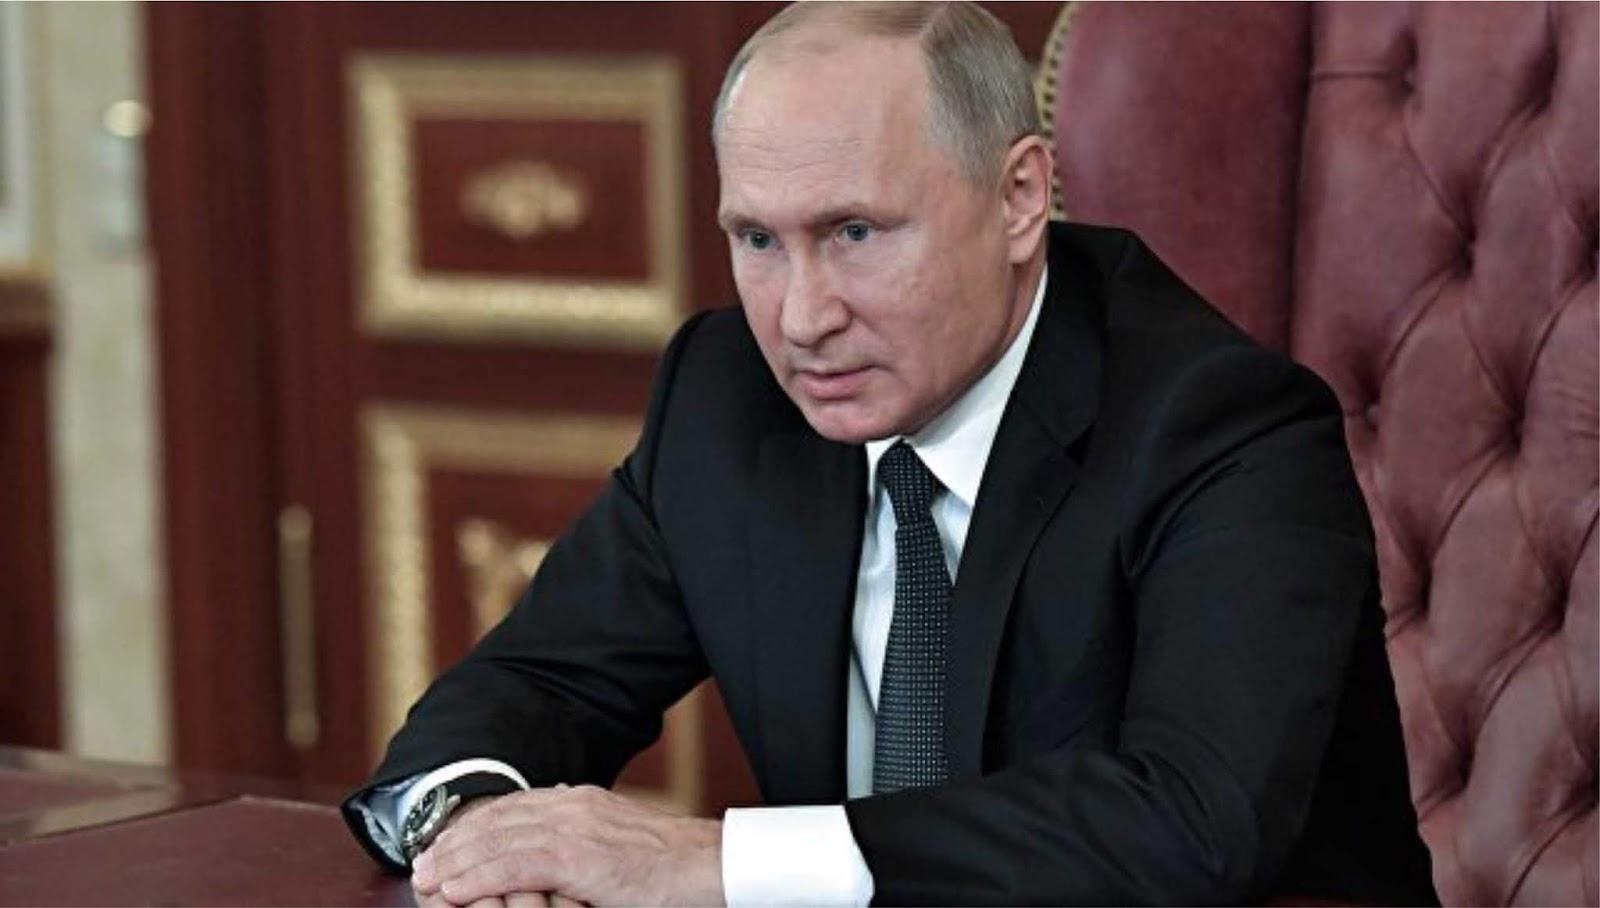 Putin - kita akan pergi ke surga sebagai martir, dan mereka akan mati begitu saja